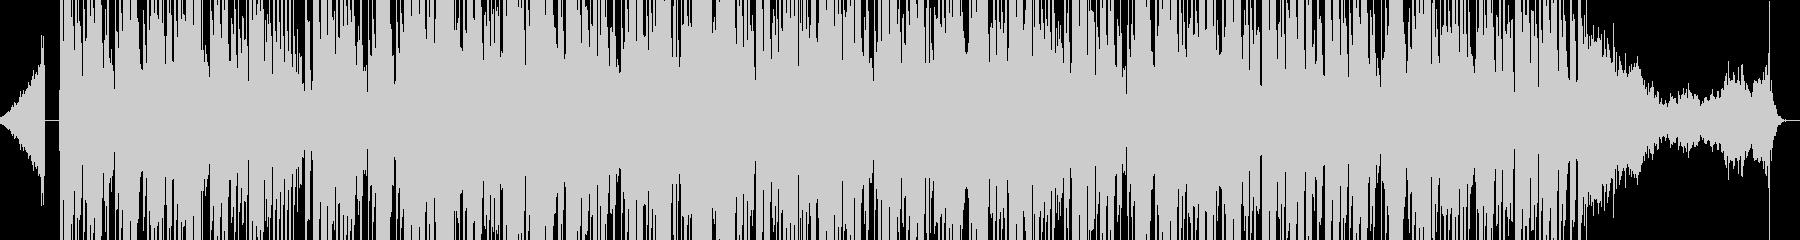 実験的な ゆっくり 魅惑 ファンタ...の未再生の波形